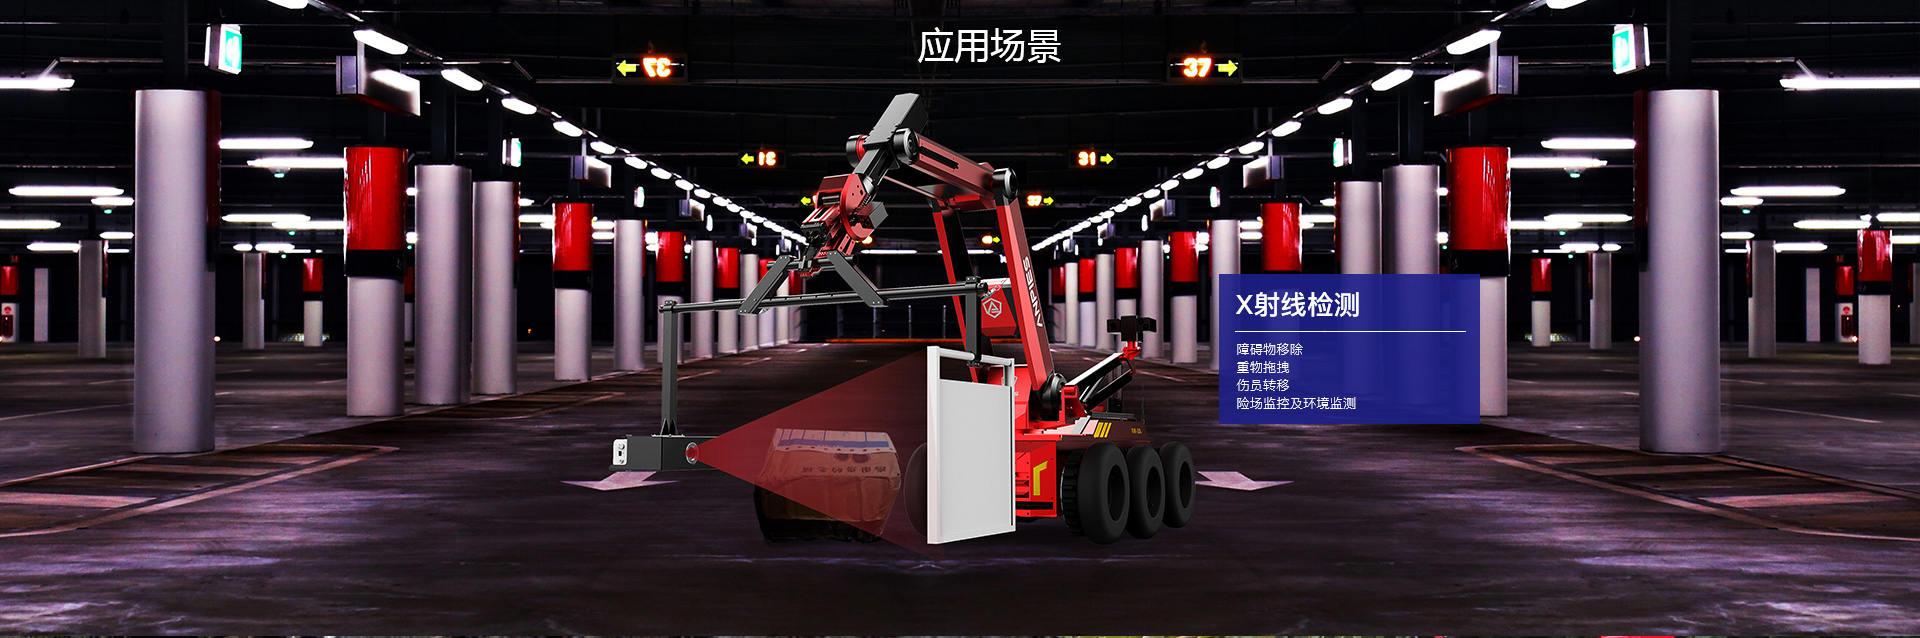 MR-5X型 智能X射線排爆偵測機器人